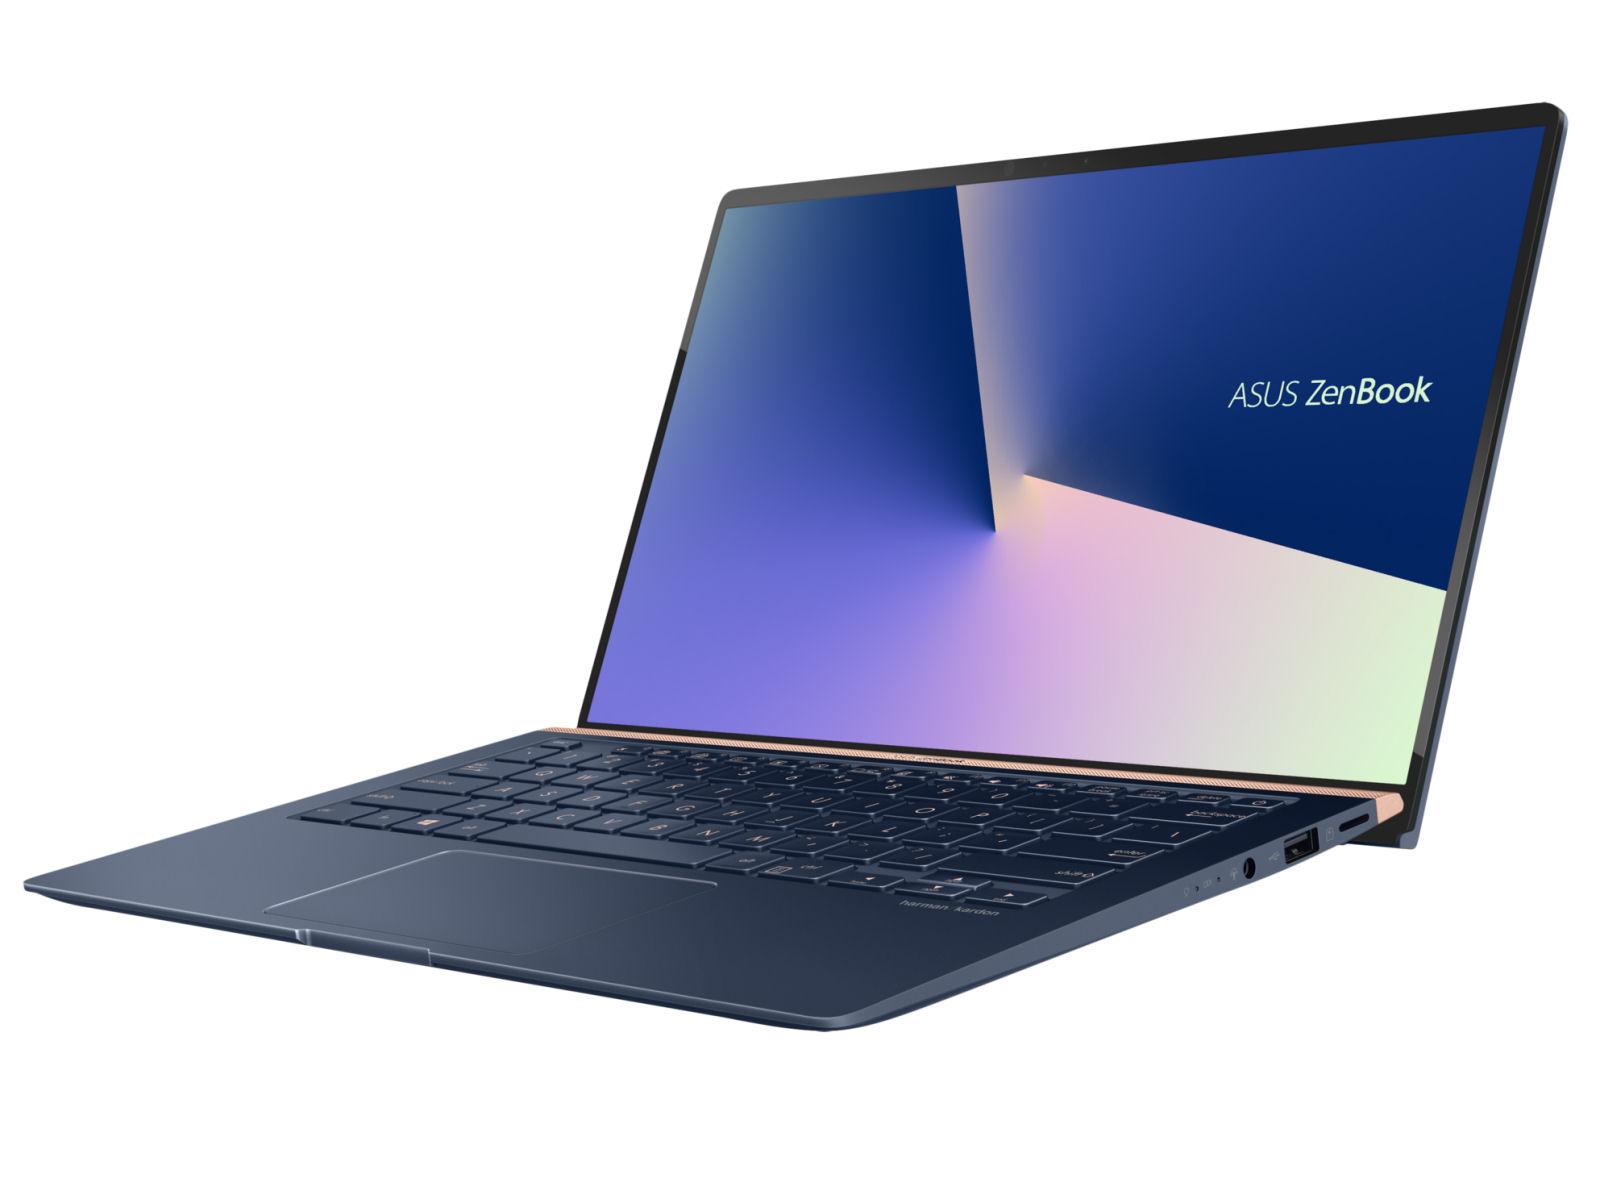 ASUS ZenBook 14 UX433FA (Core i5-8265U, SSD, FHD) Laptop